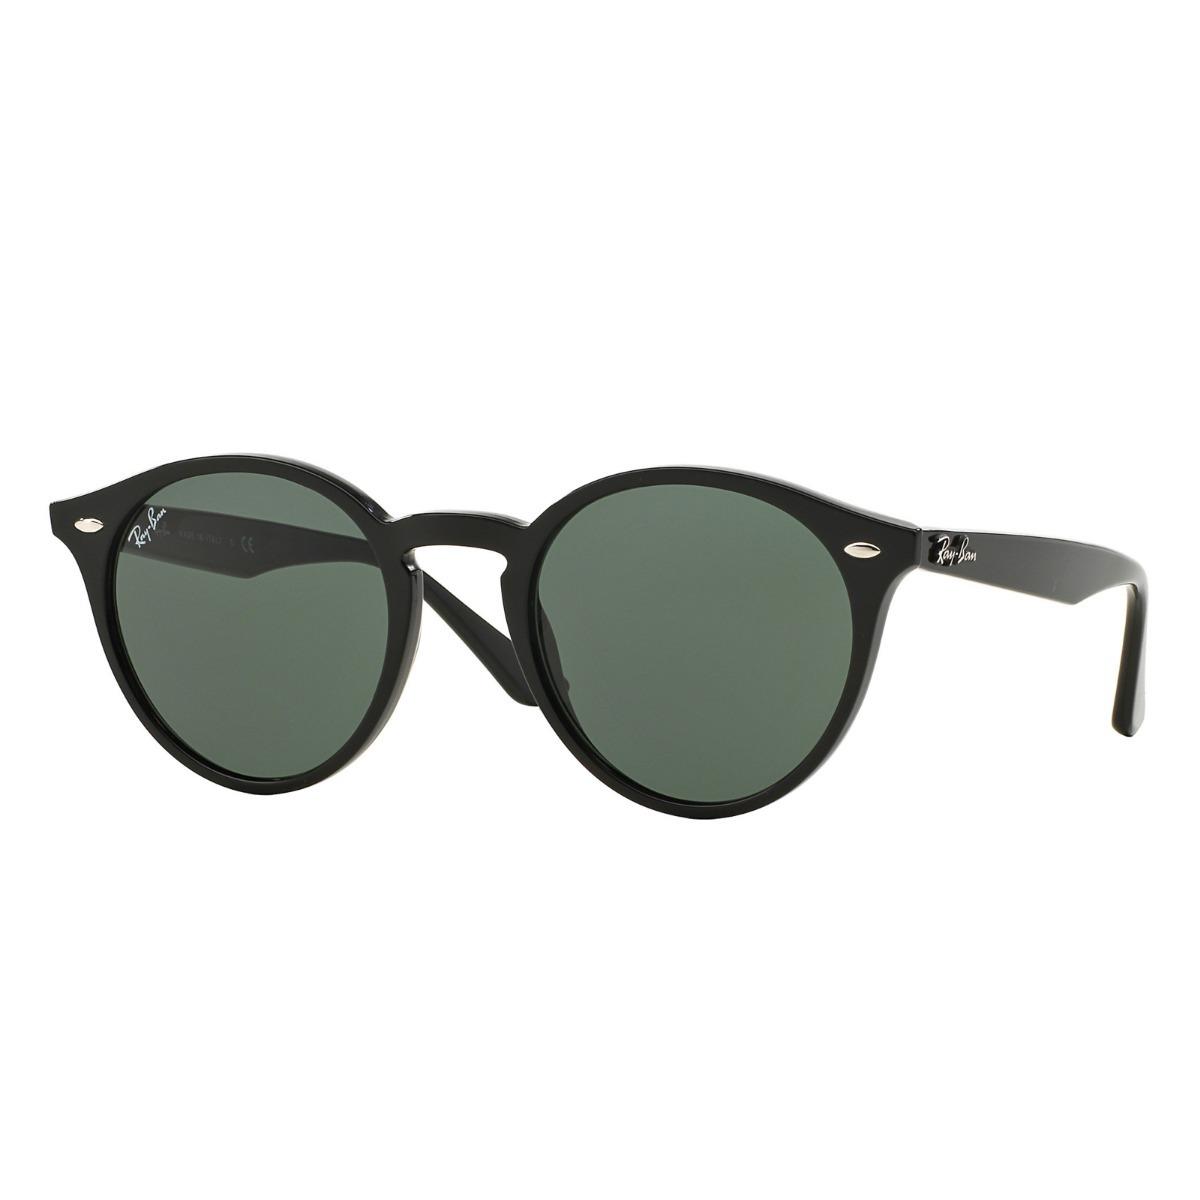 cadc400bef6dd óculos sol ray-ban round acetato original masculino feminino. Carregando  zoom.